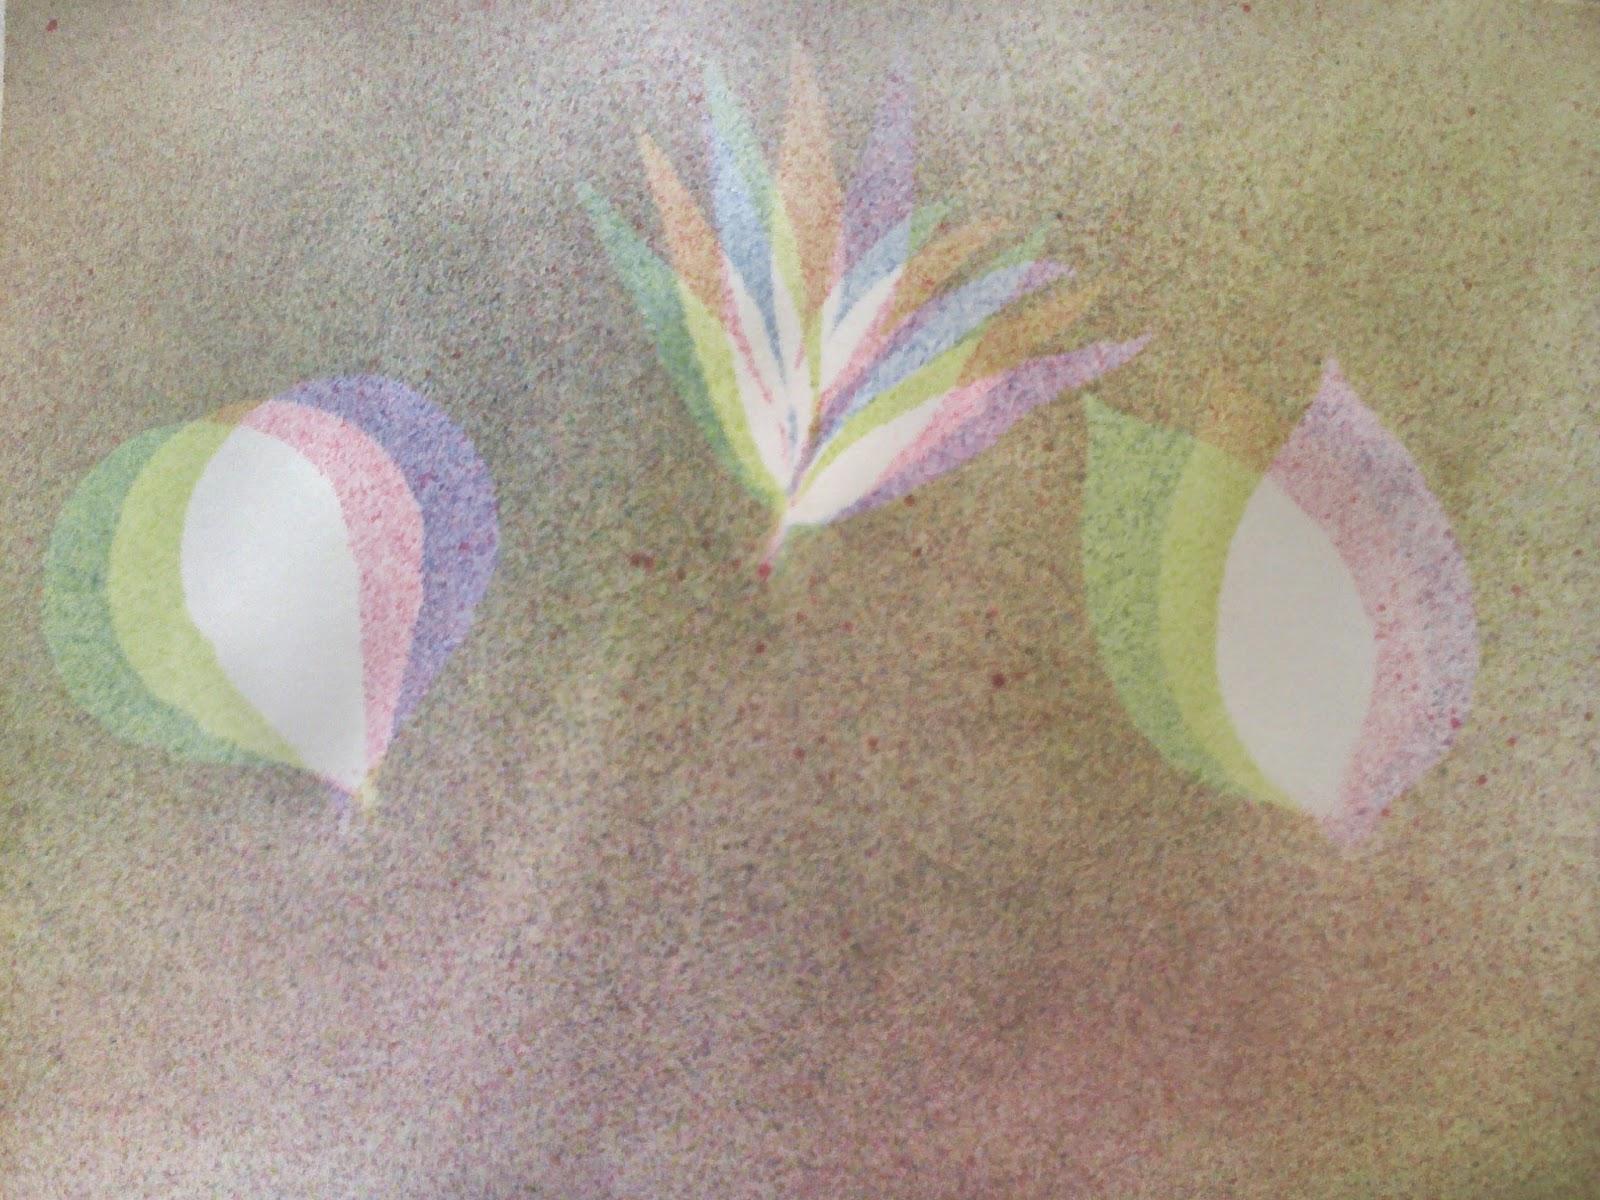 Gambar di atas dapat dibuat dengan cara membuat pola di atas kertas dengan menggunakan beberapa jenis dedaunan Pertama yang harus dilakukan adalah